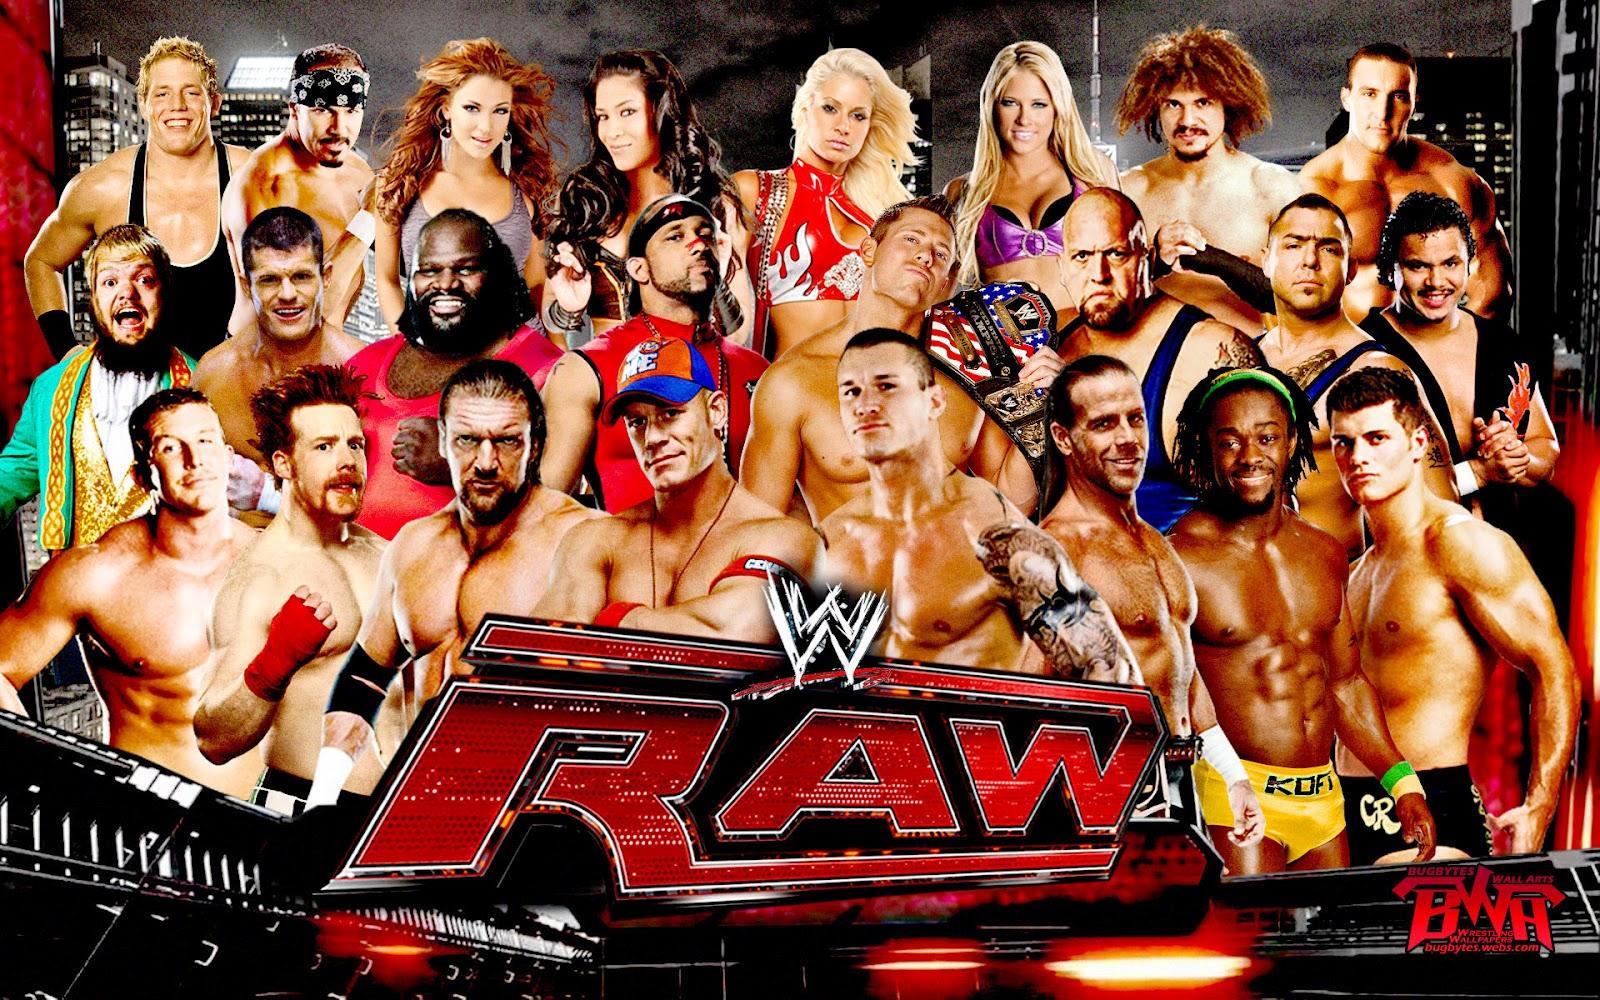 Latest Top Hd WWE Wallpaper